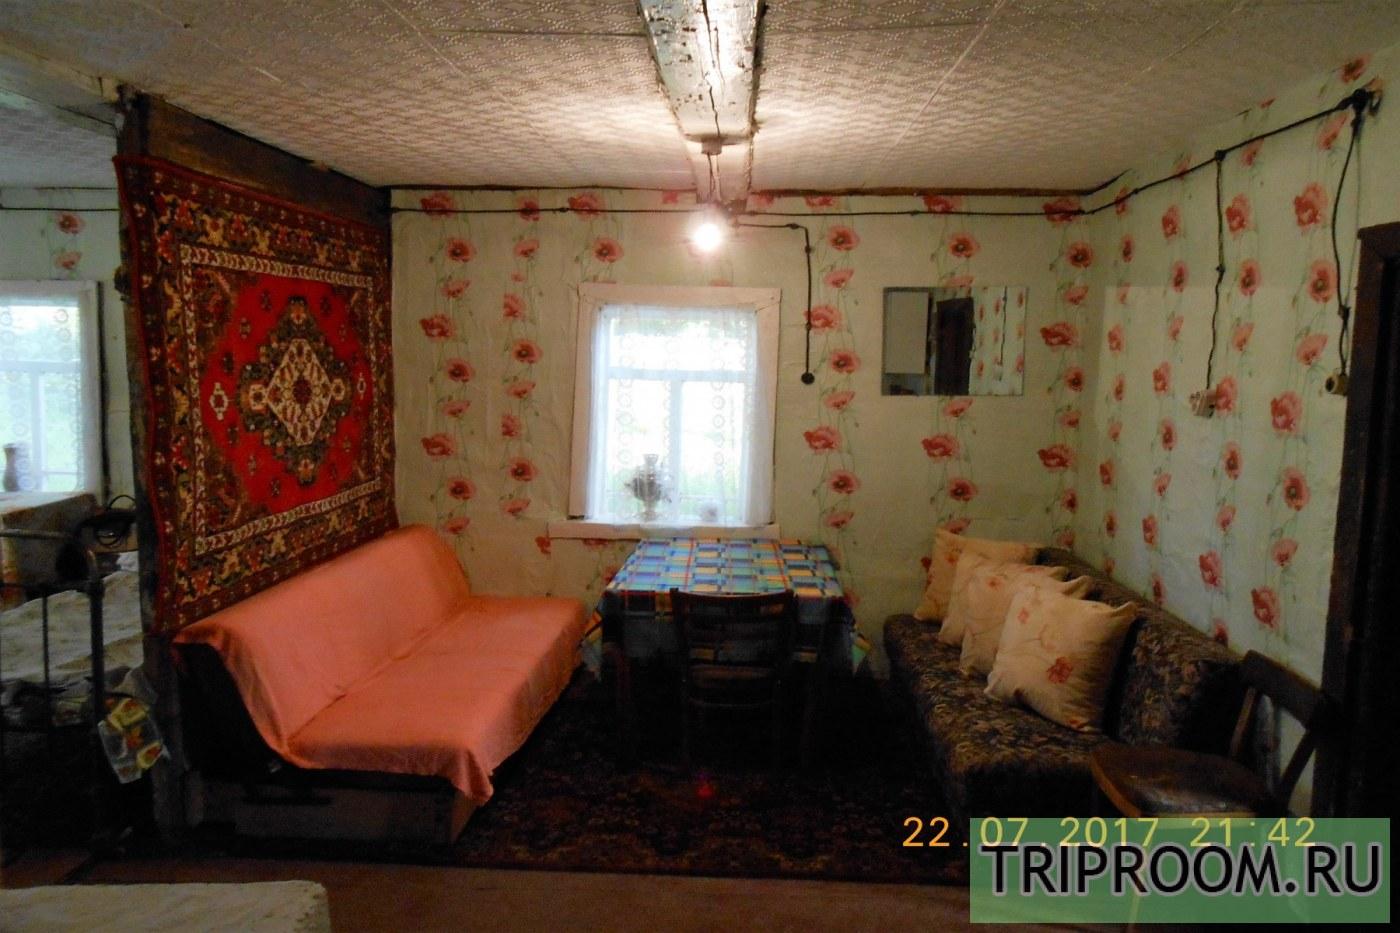 2-комнатный Дача посуточно (вариант № 39941), ул. Дачная улица, фото № 15